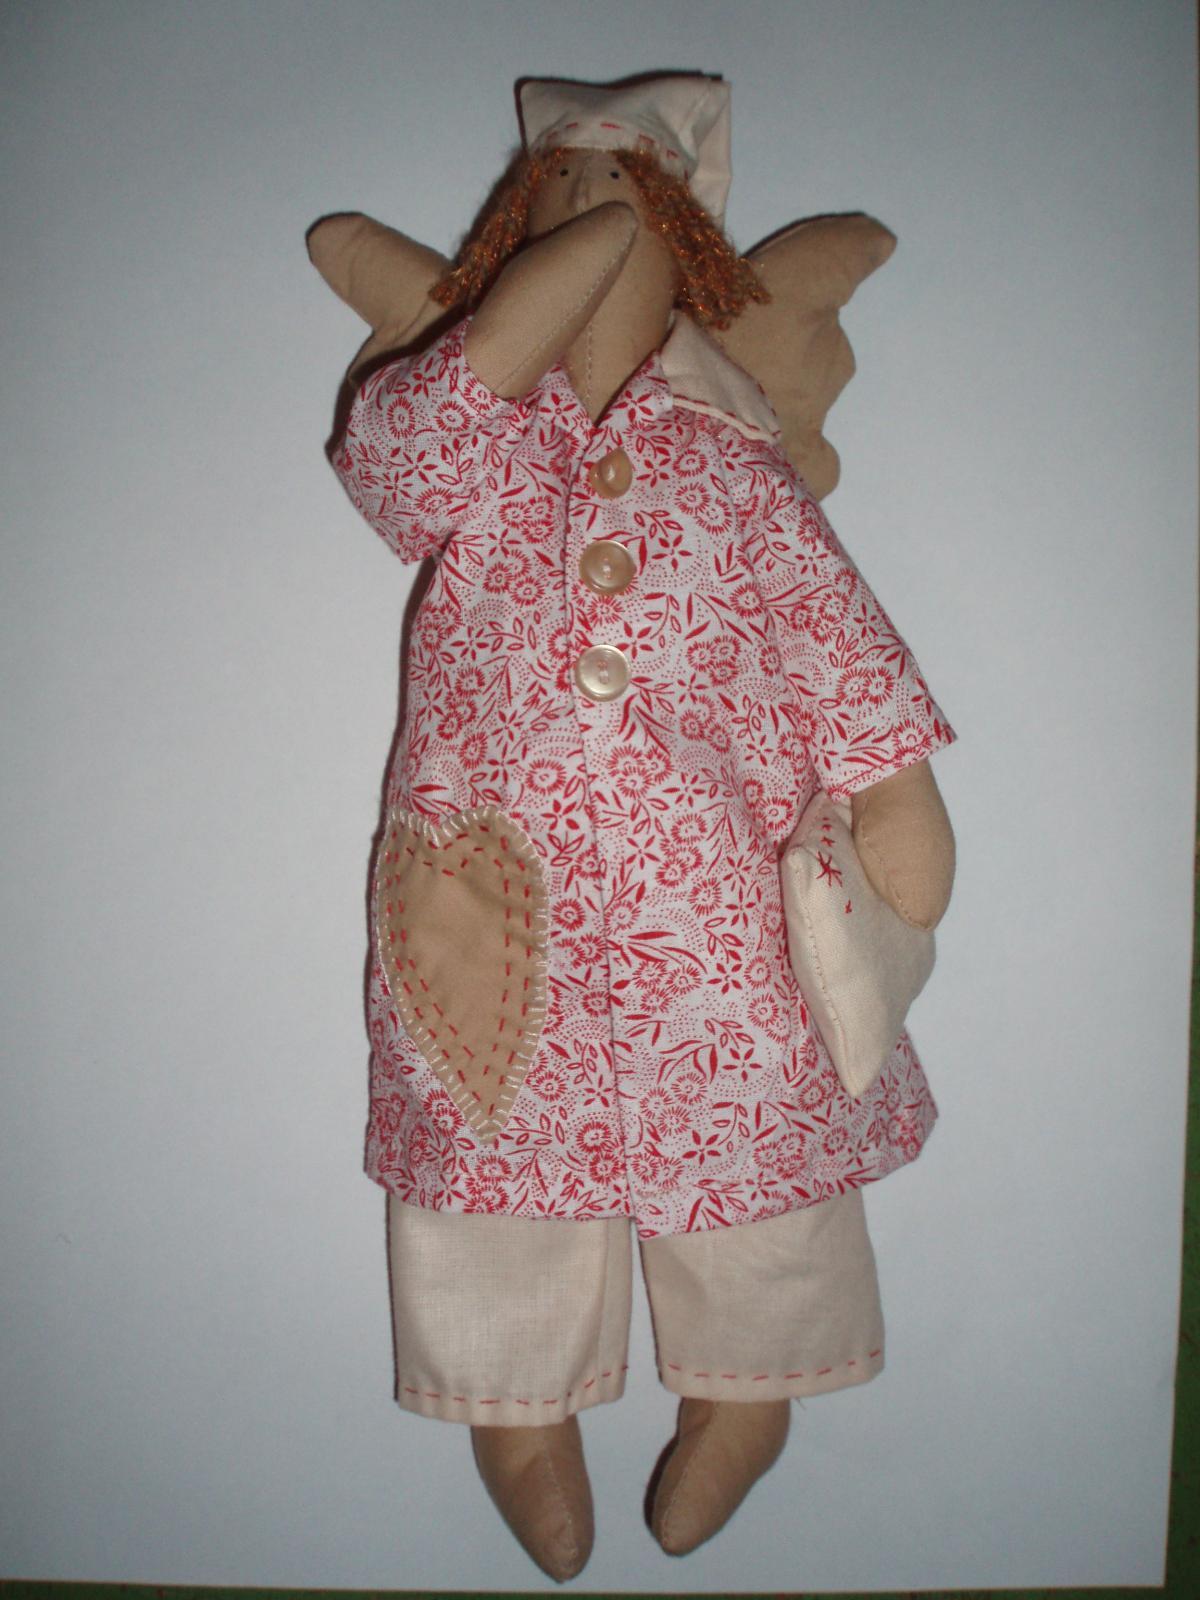 Продано. Интерьерная кукла Тильда Сонный ангел